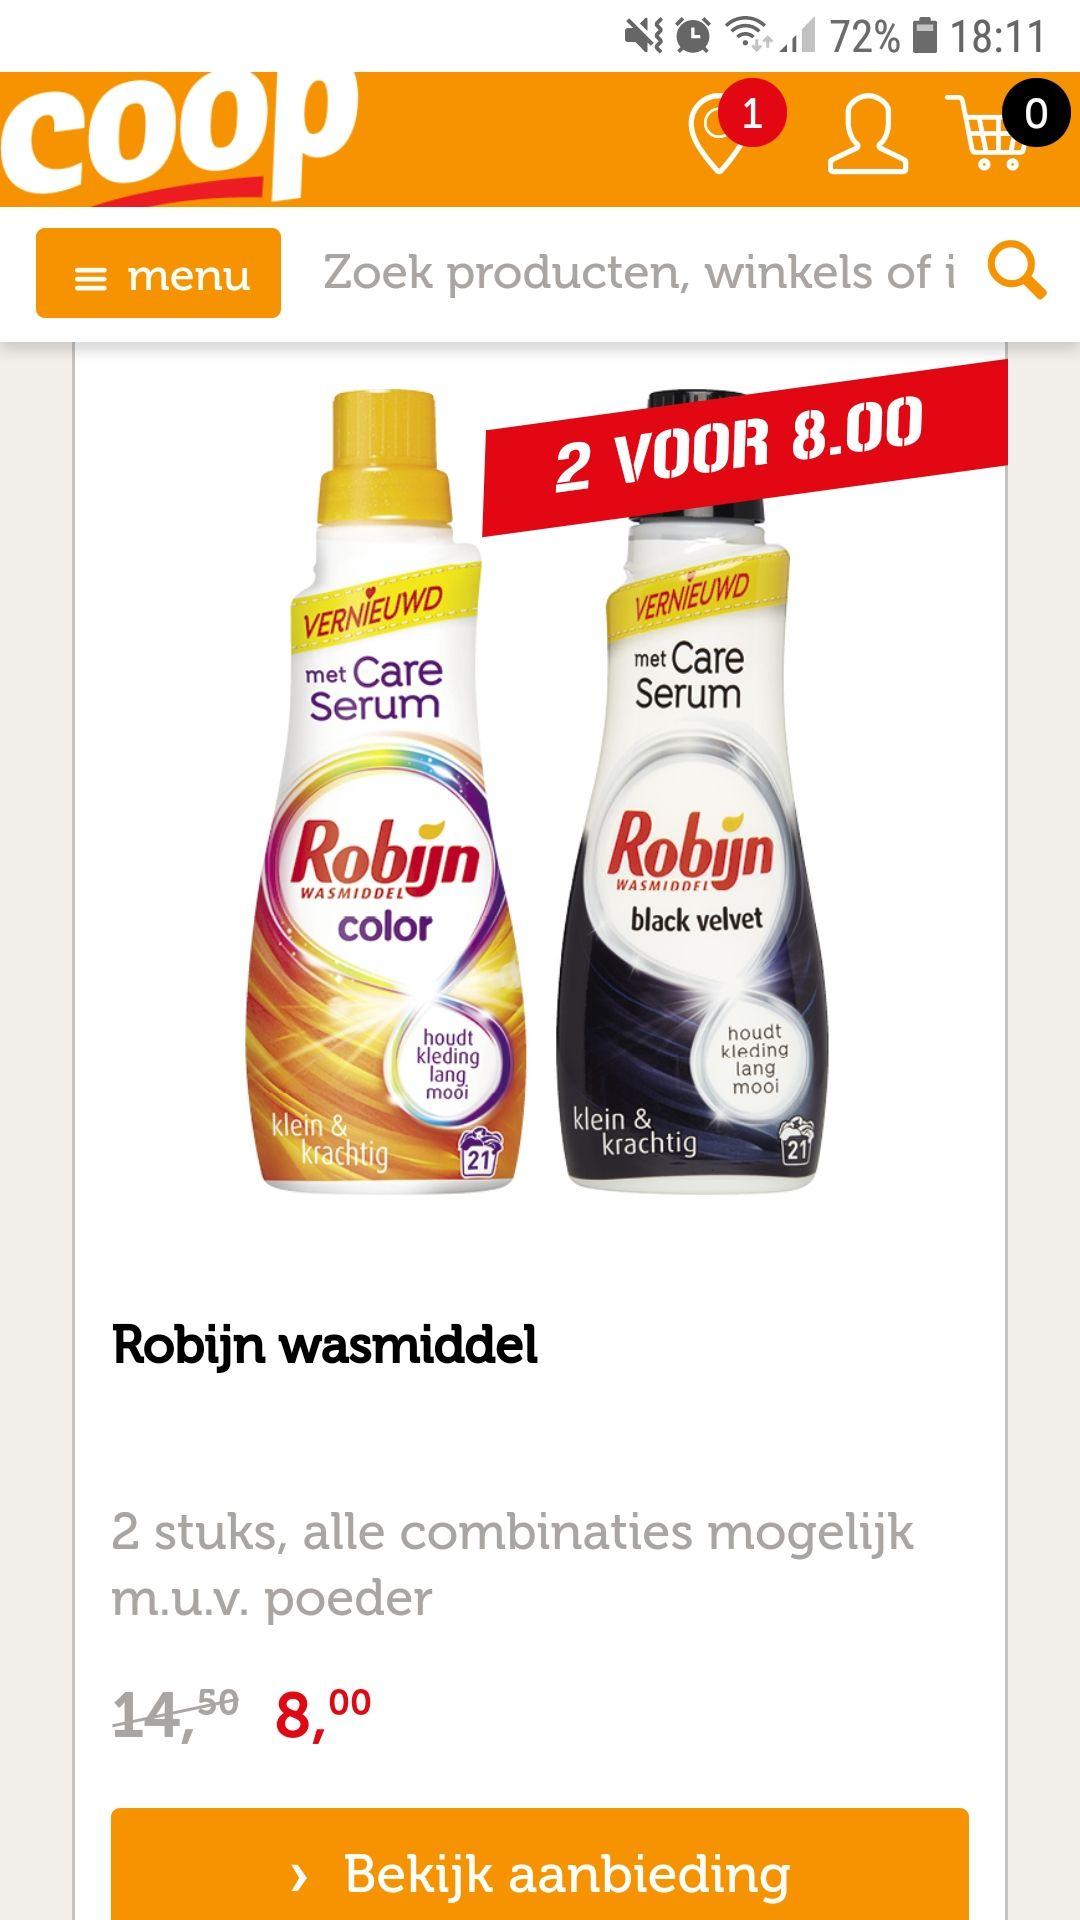 Robijn wasmiddel 2 stuks voor 8 euro @Coop